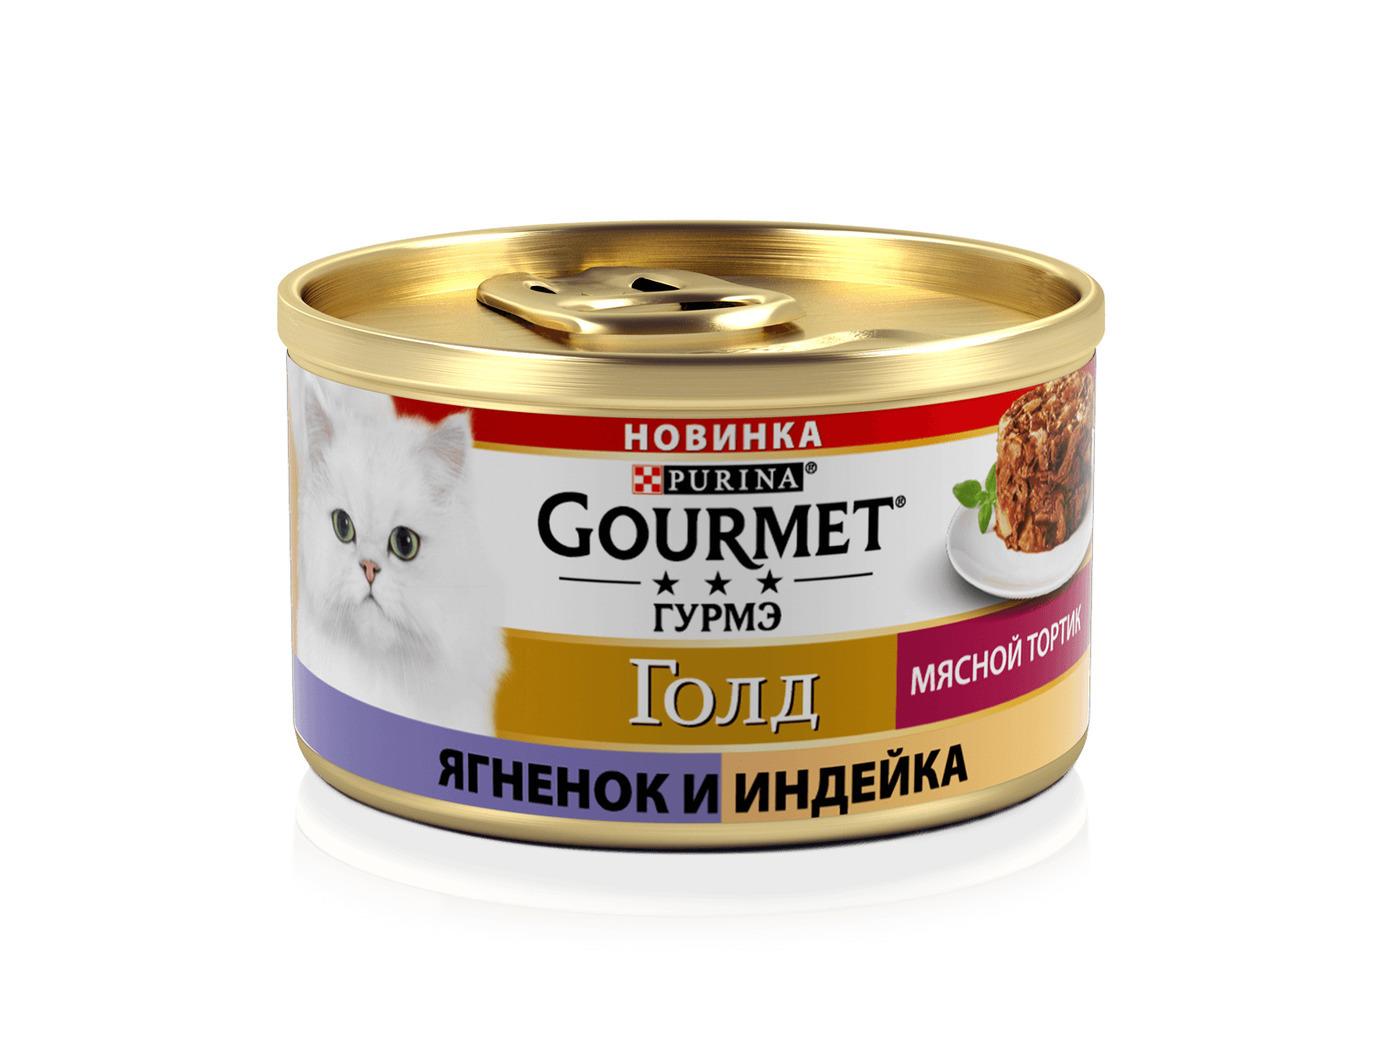 Gourmet Gold влажный корм для взрослых кошек всех пород, мясной тортик, индейка и ягненок 85 гр